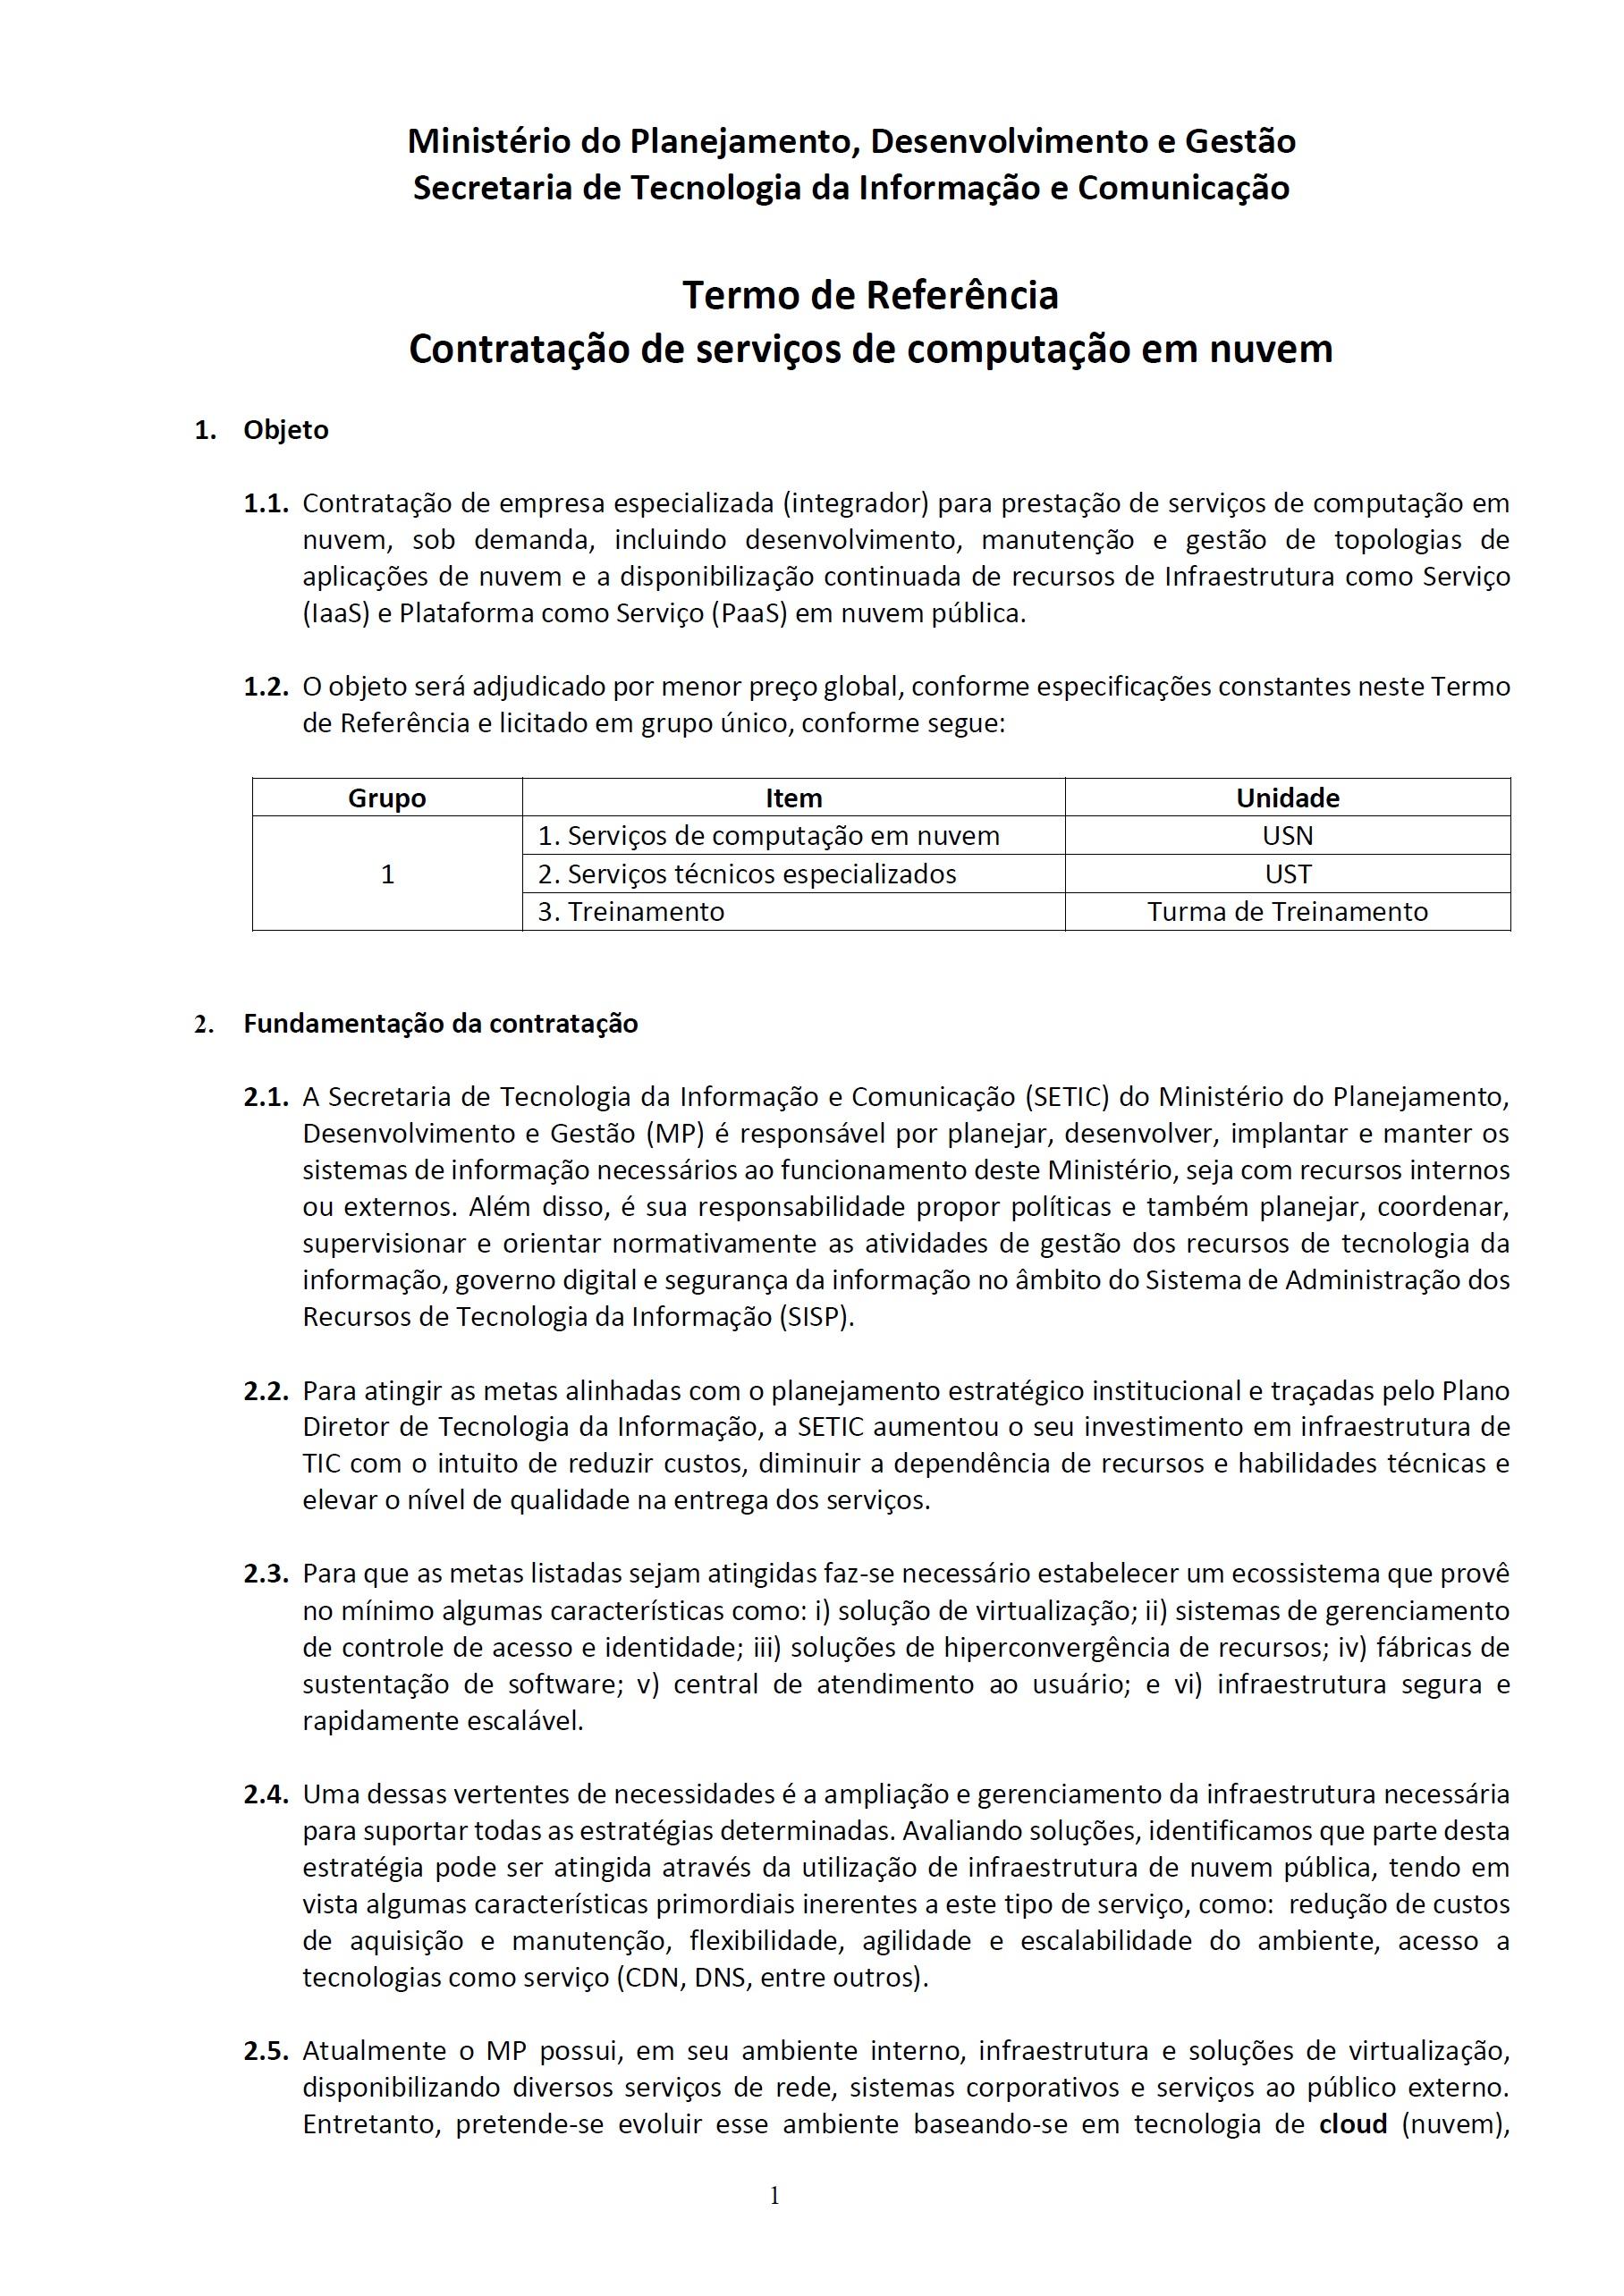 MPDG – Pregão 29/2018 – TR para Contratação de Serviços de Computação em Nuvem